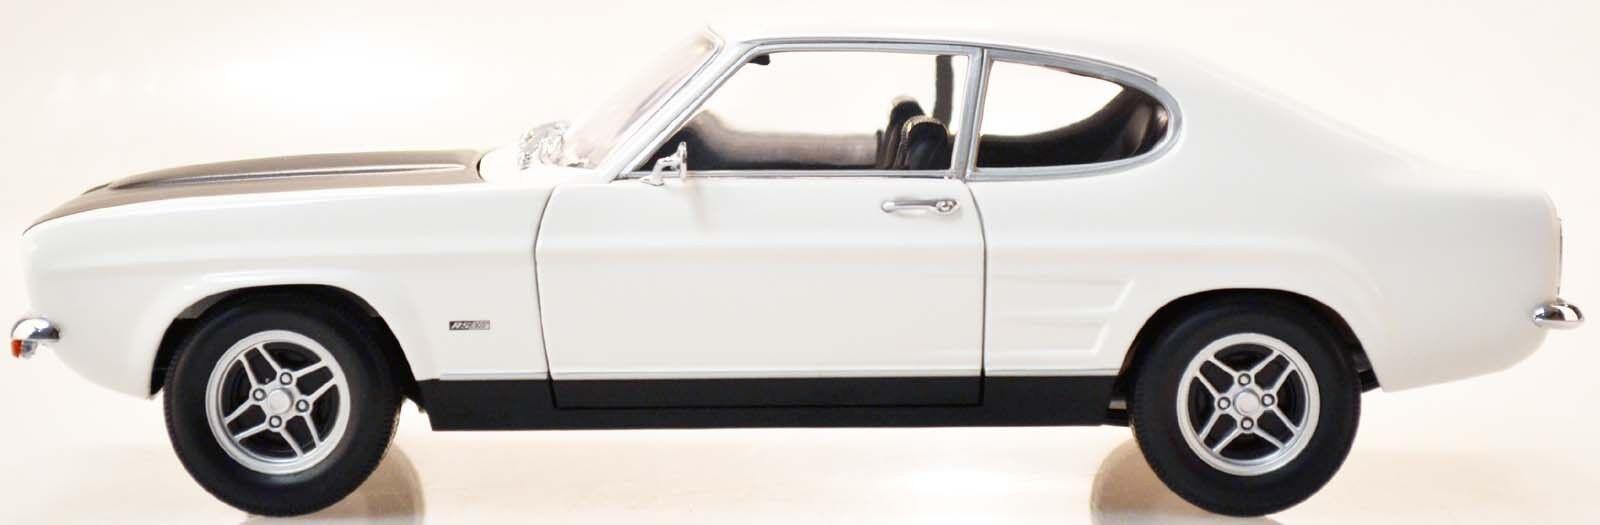 MINICHAMPS 150089078 Ford Capri I RS 2600 - 1970 Blanc Noir 1 18 Nouveau Neuf dans sa boîte